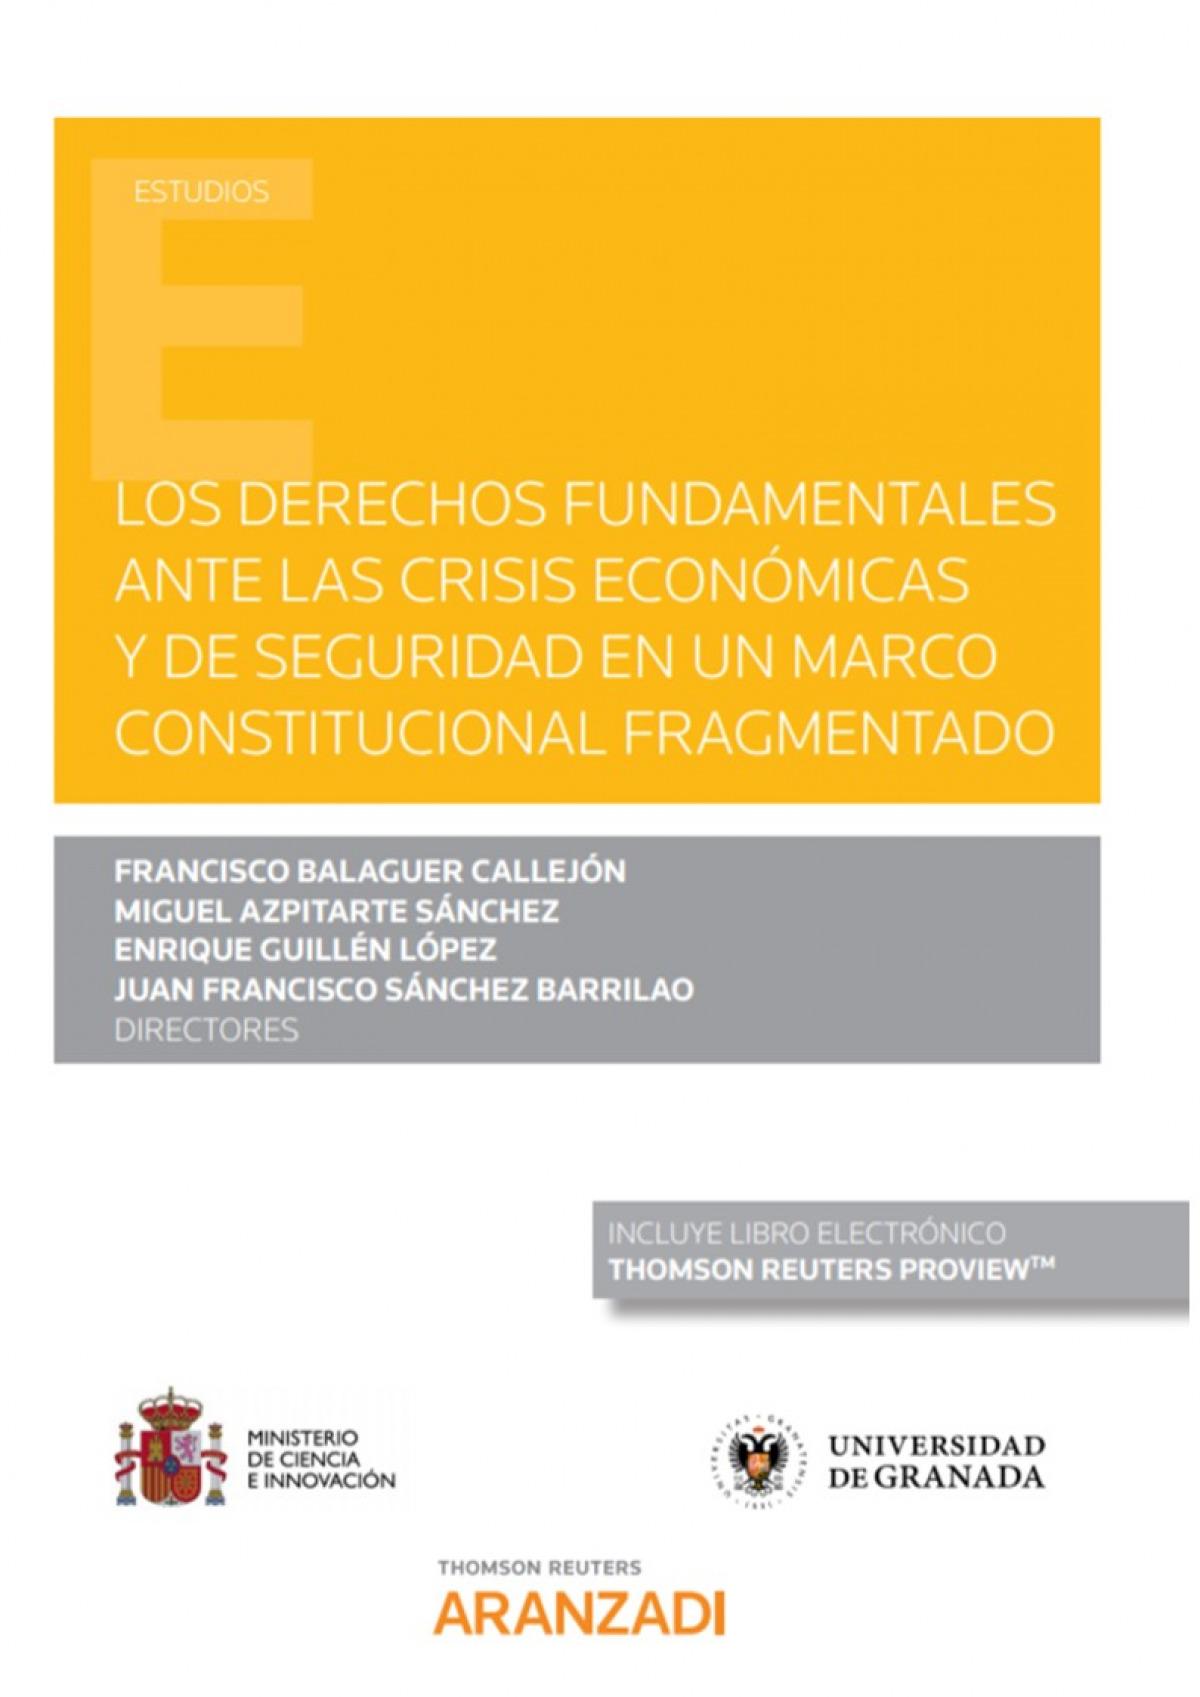 Derechos fundamentales ante la crisis económica y de seguridad en